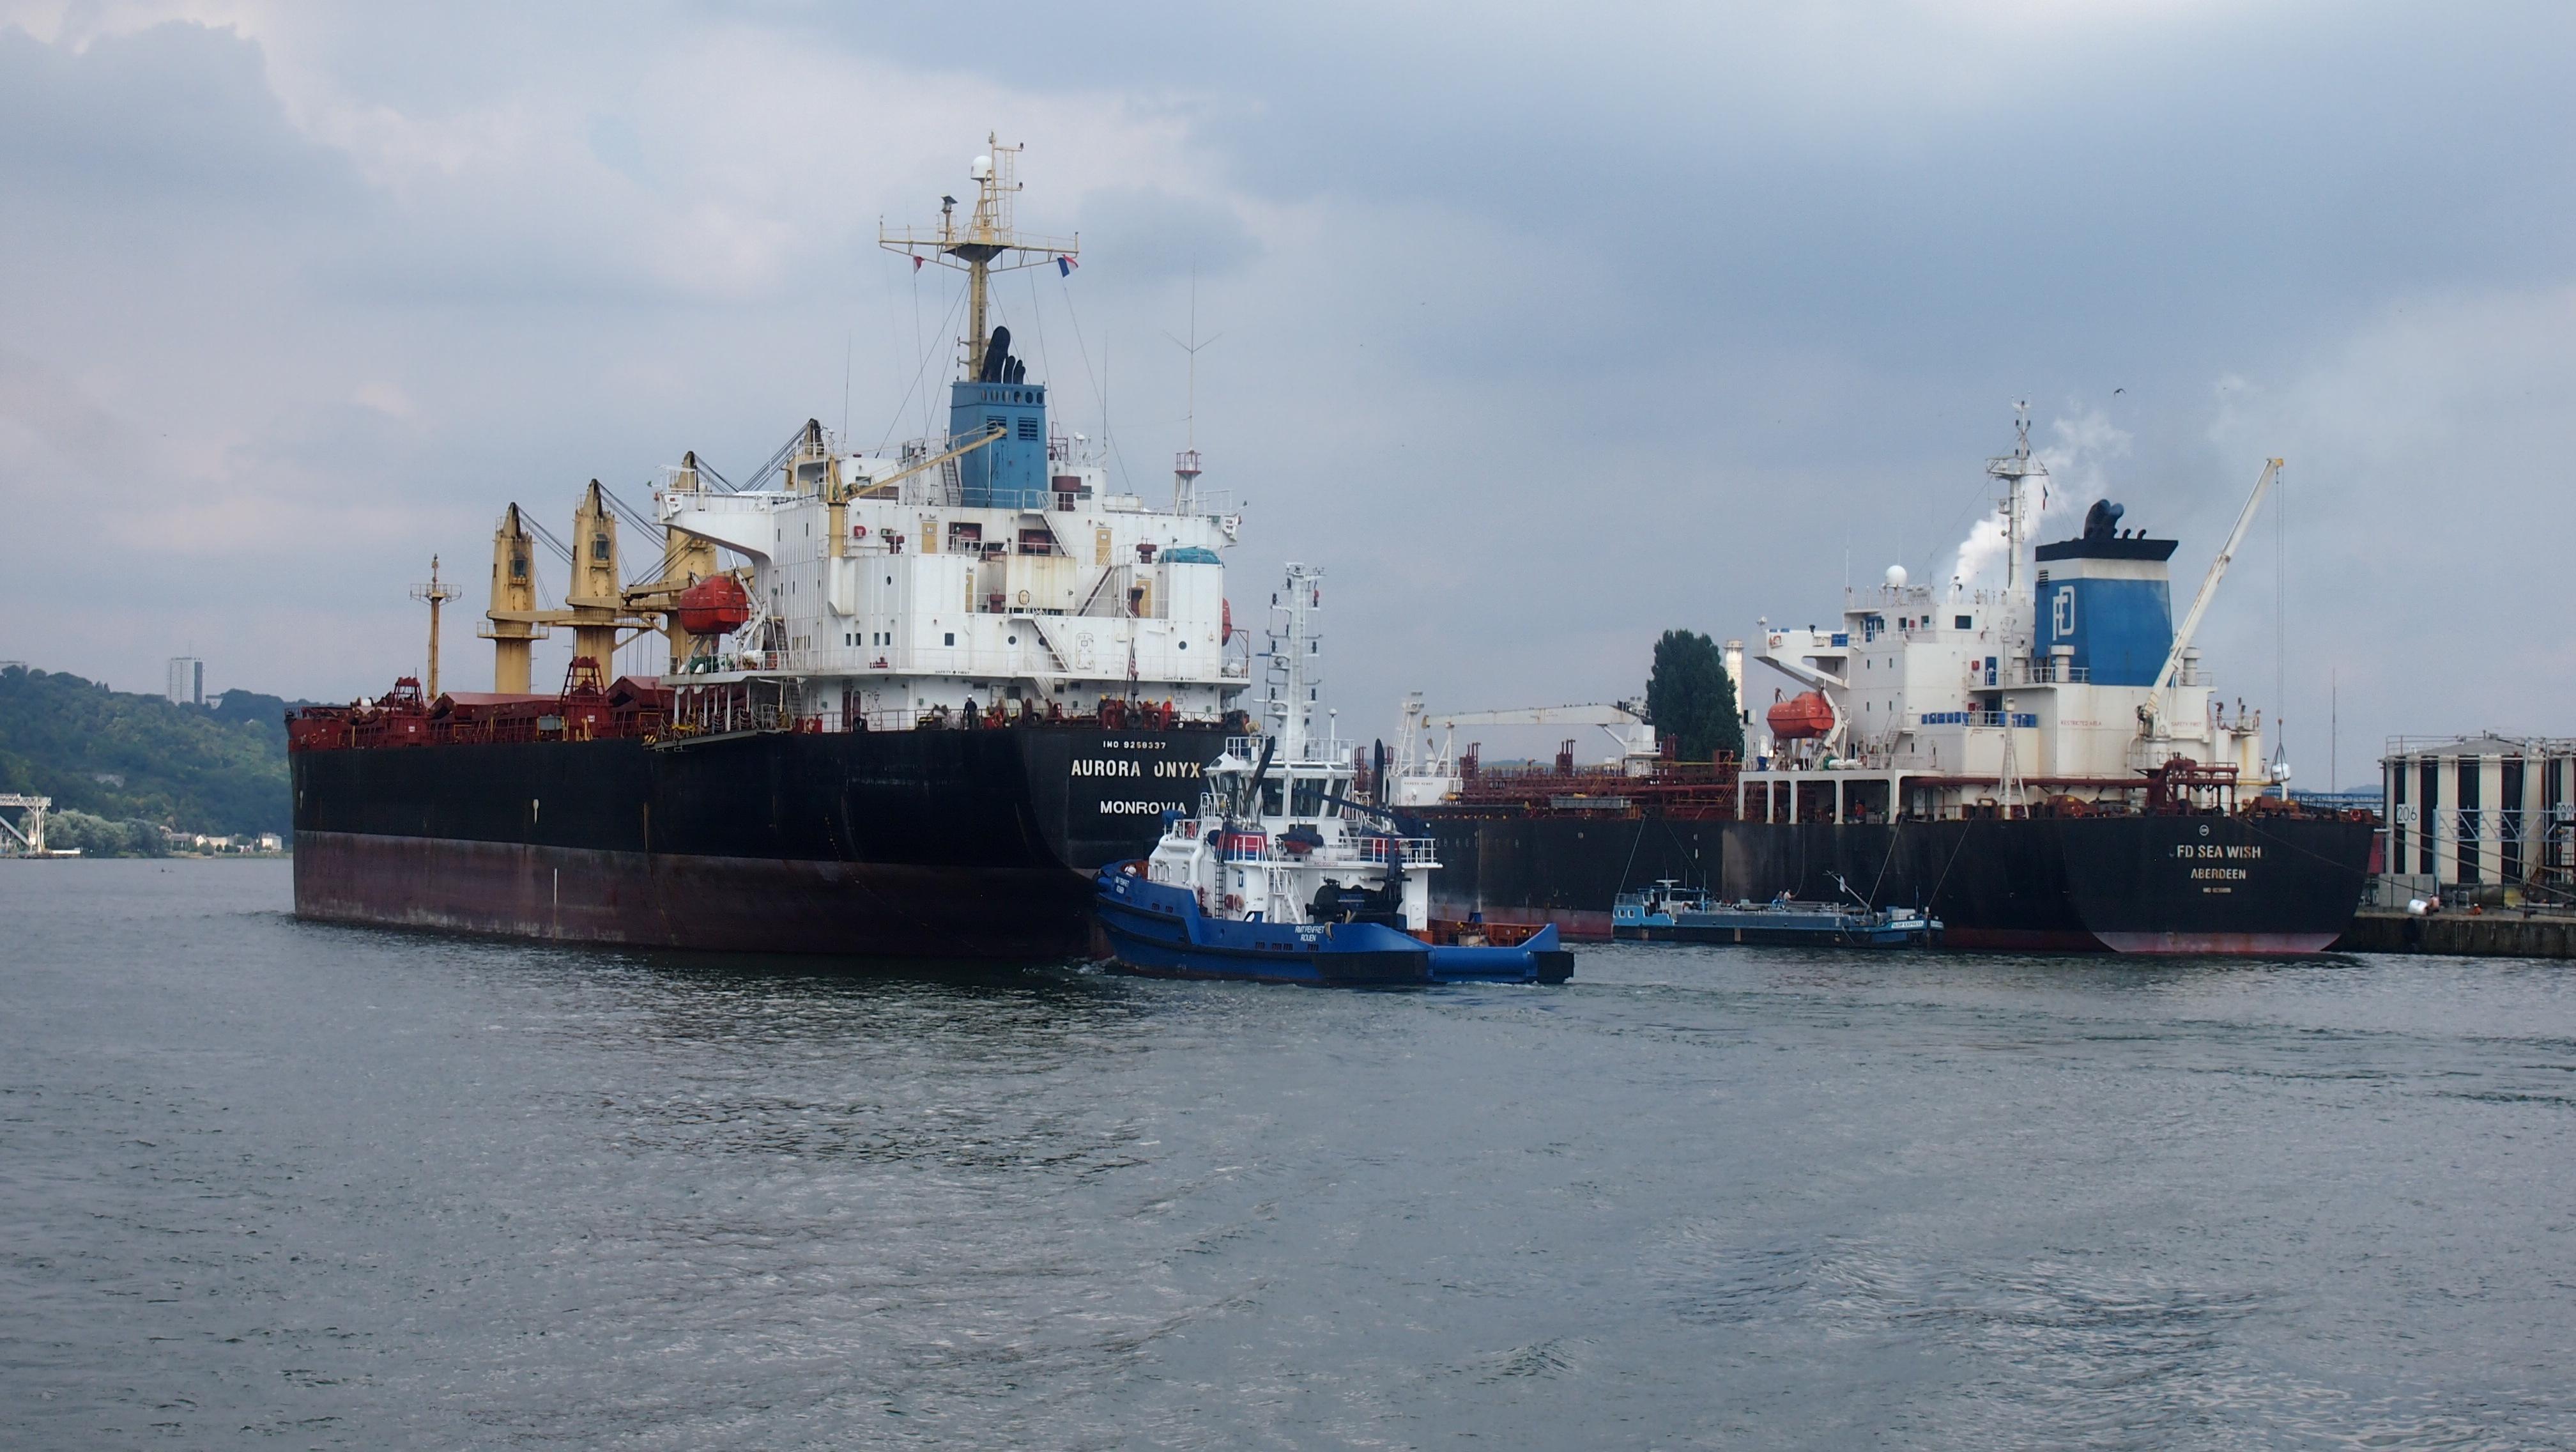 Dans le port, le ballet des navires et des remorqueurs